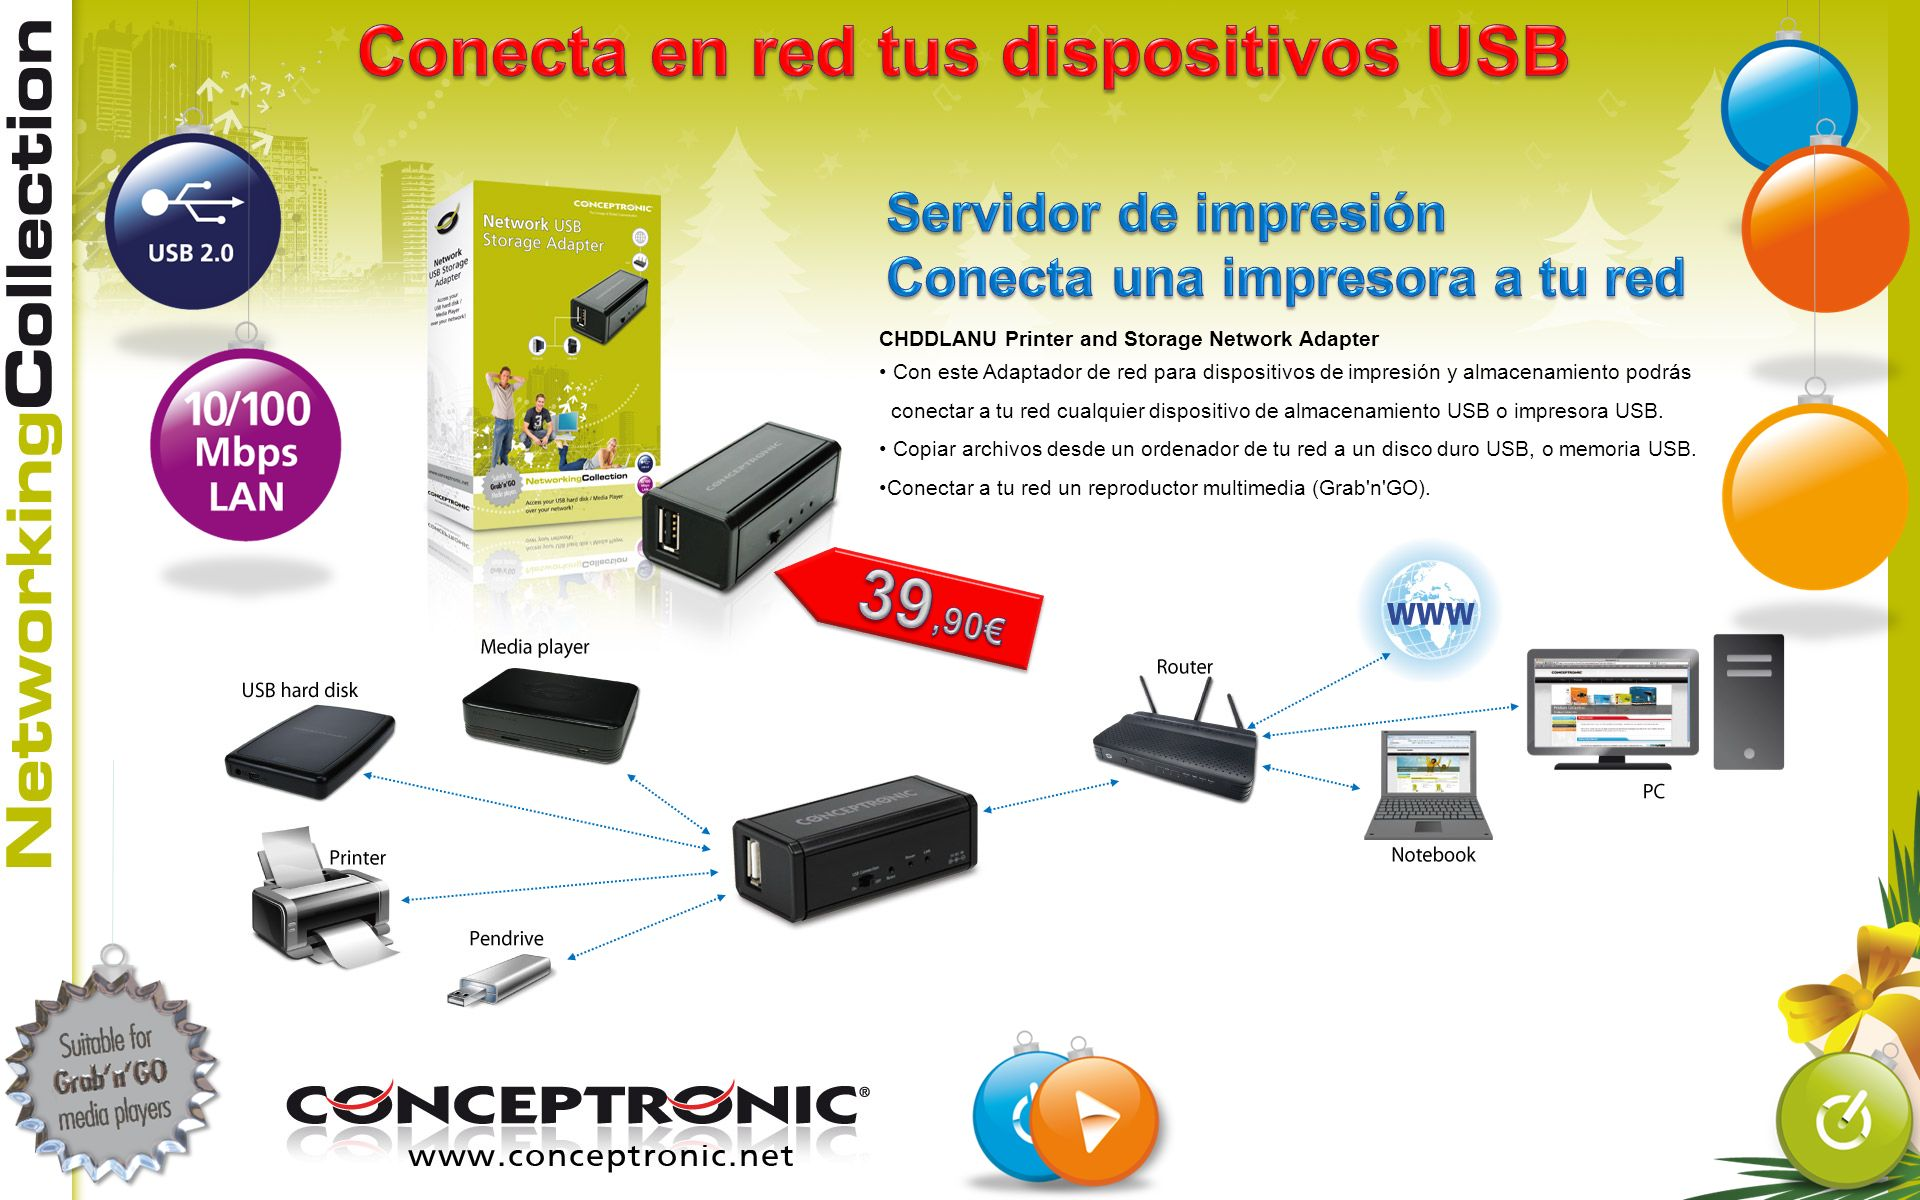 Conecta en red tus dispositivos USB